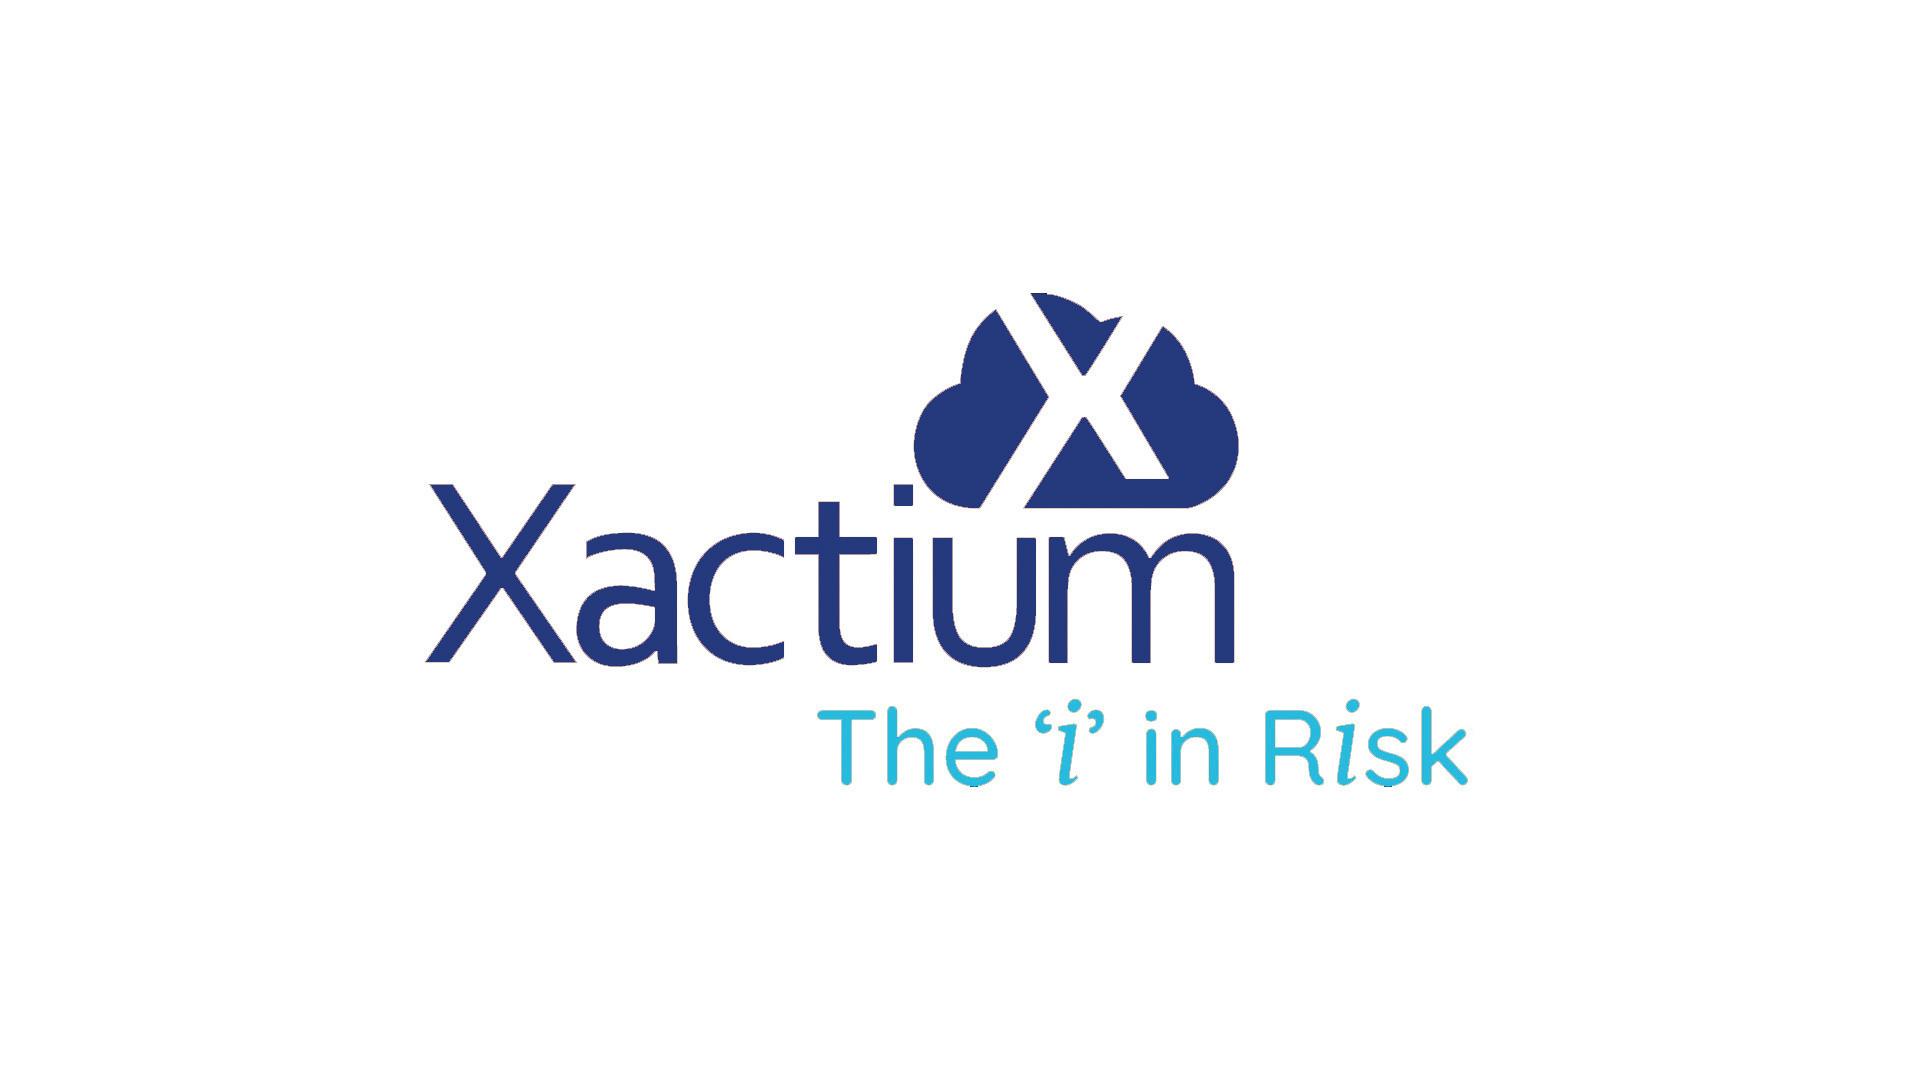 xactium logo.jpg